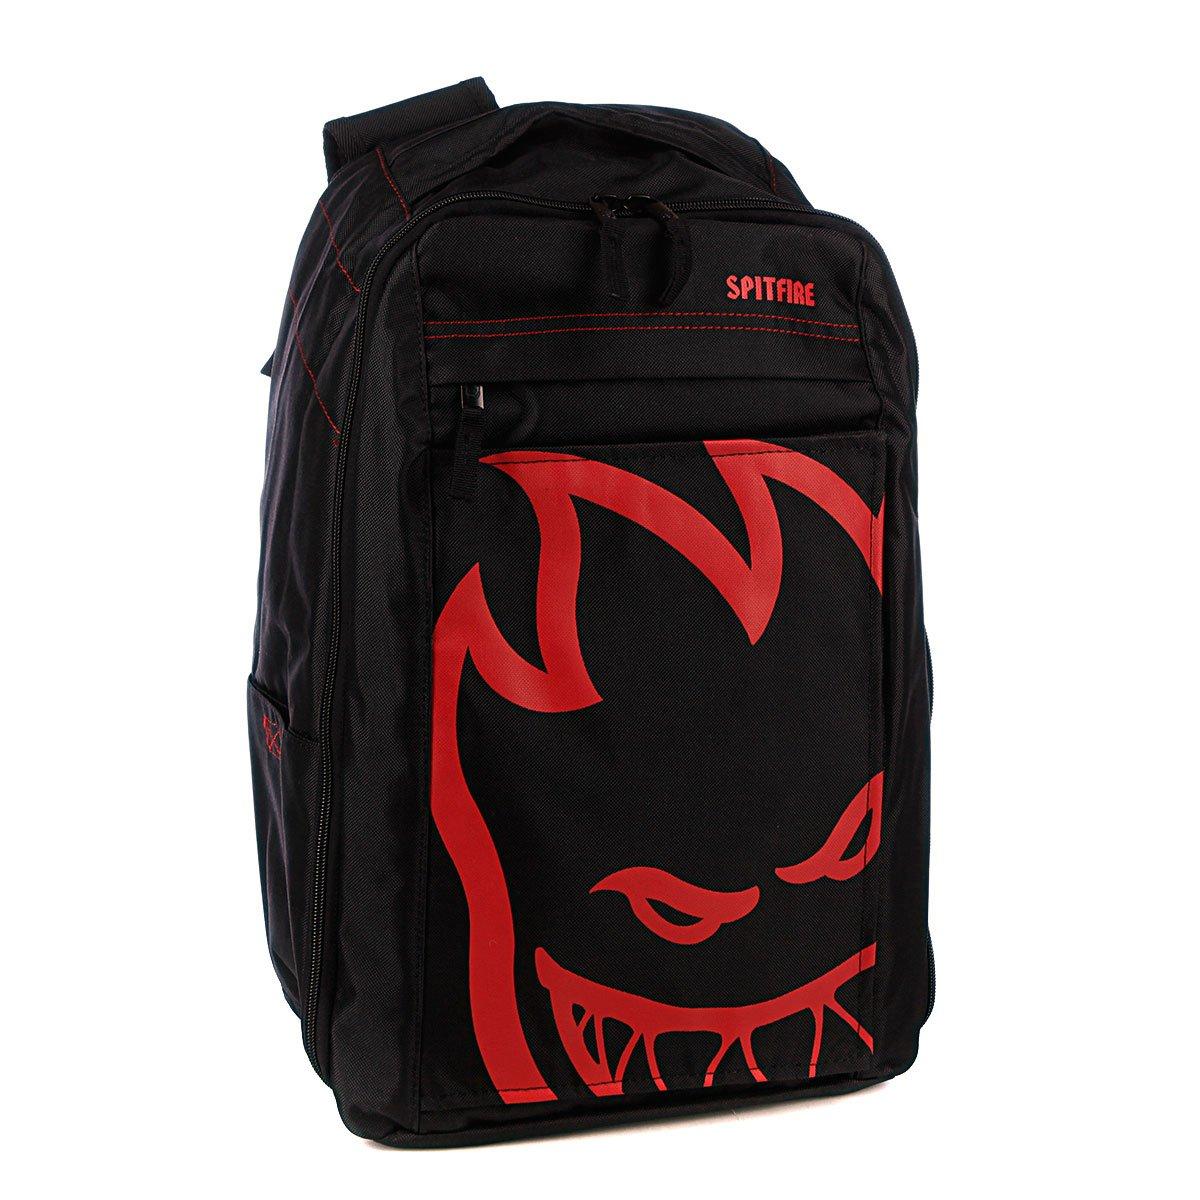 edf53fdec2ae Купить рюкзак городской Spitfire Bighead Black в интернет-магазине ...